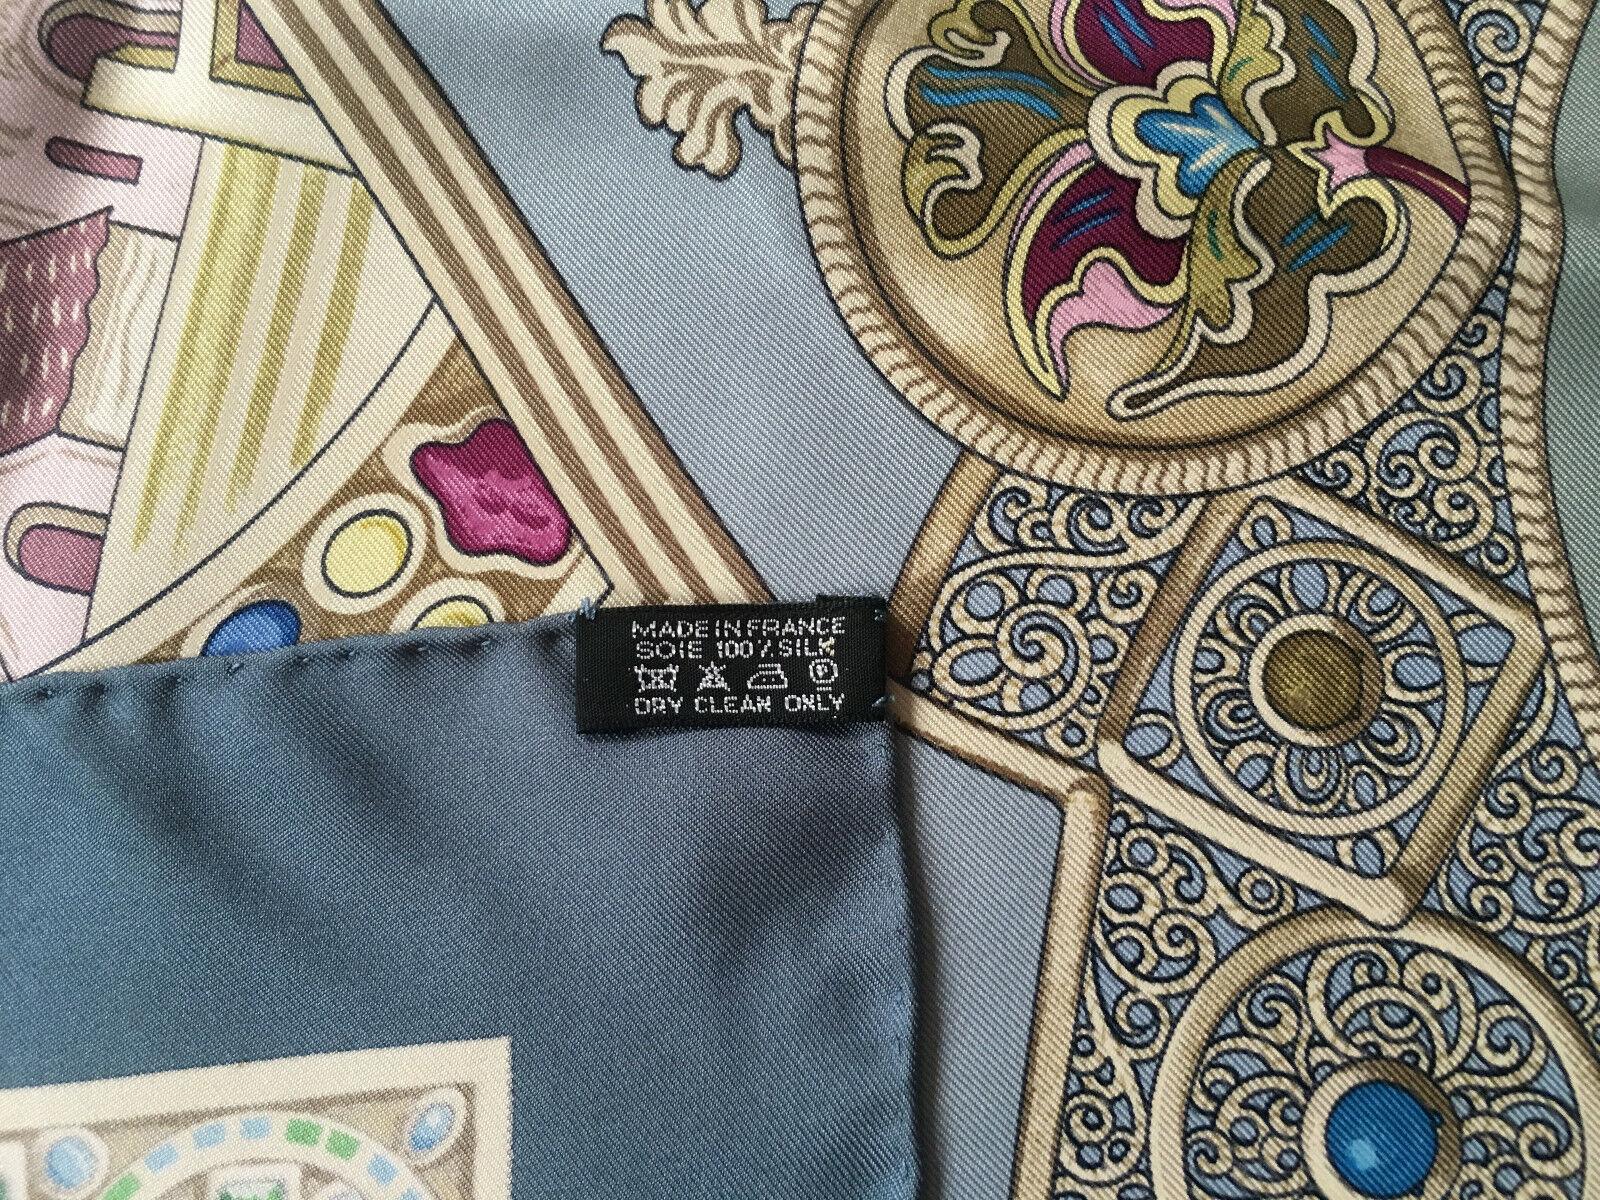 Foulard carré hermès en soie - le triomphe du paladin - 90 x 90 cm - bleu